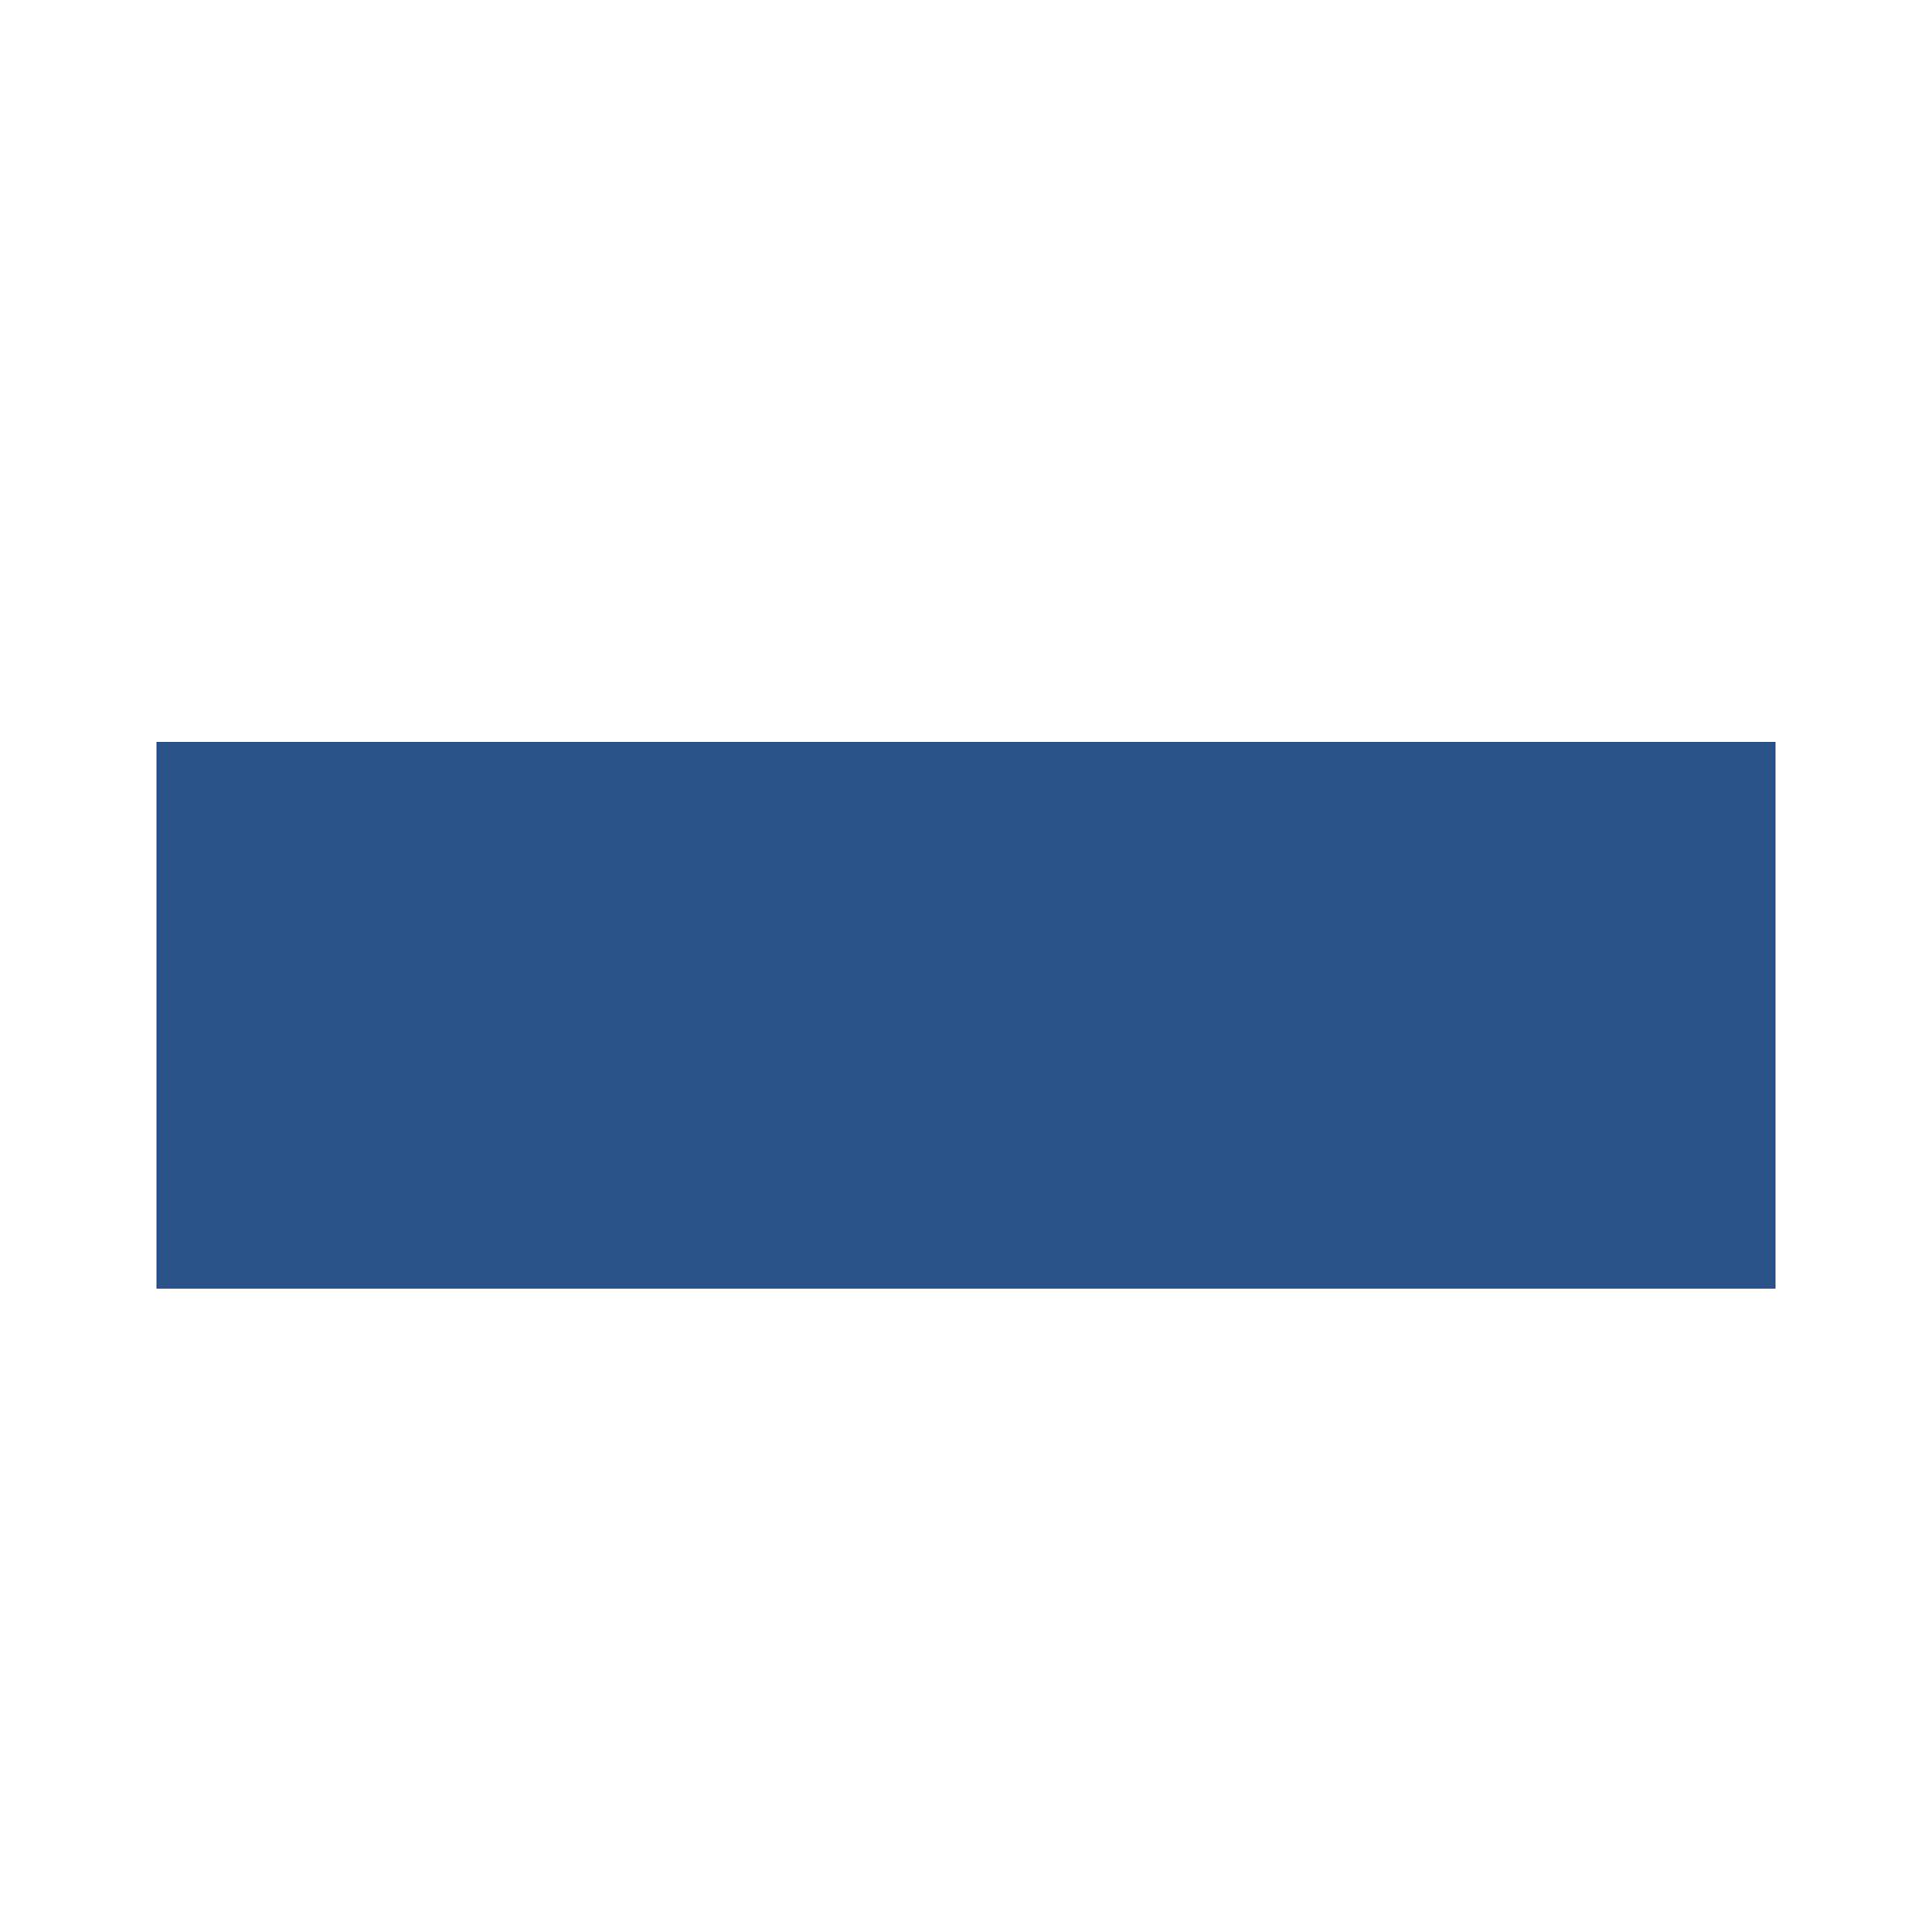 16_lines_icon